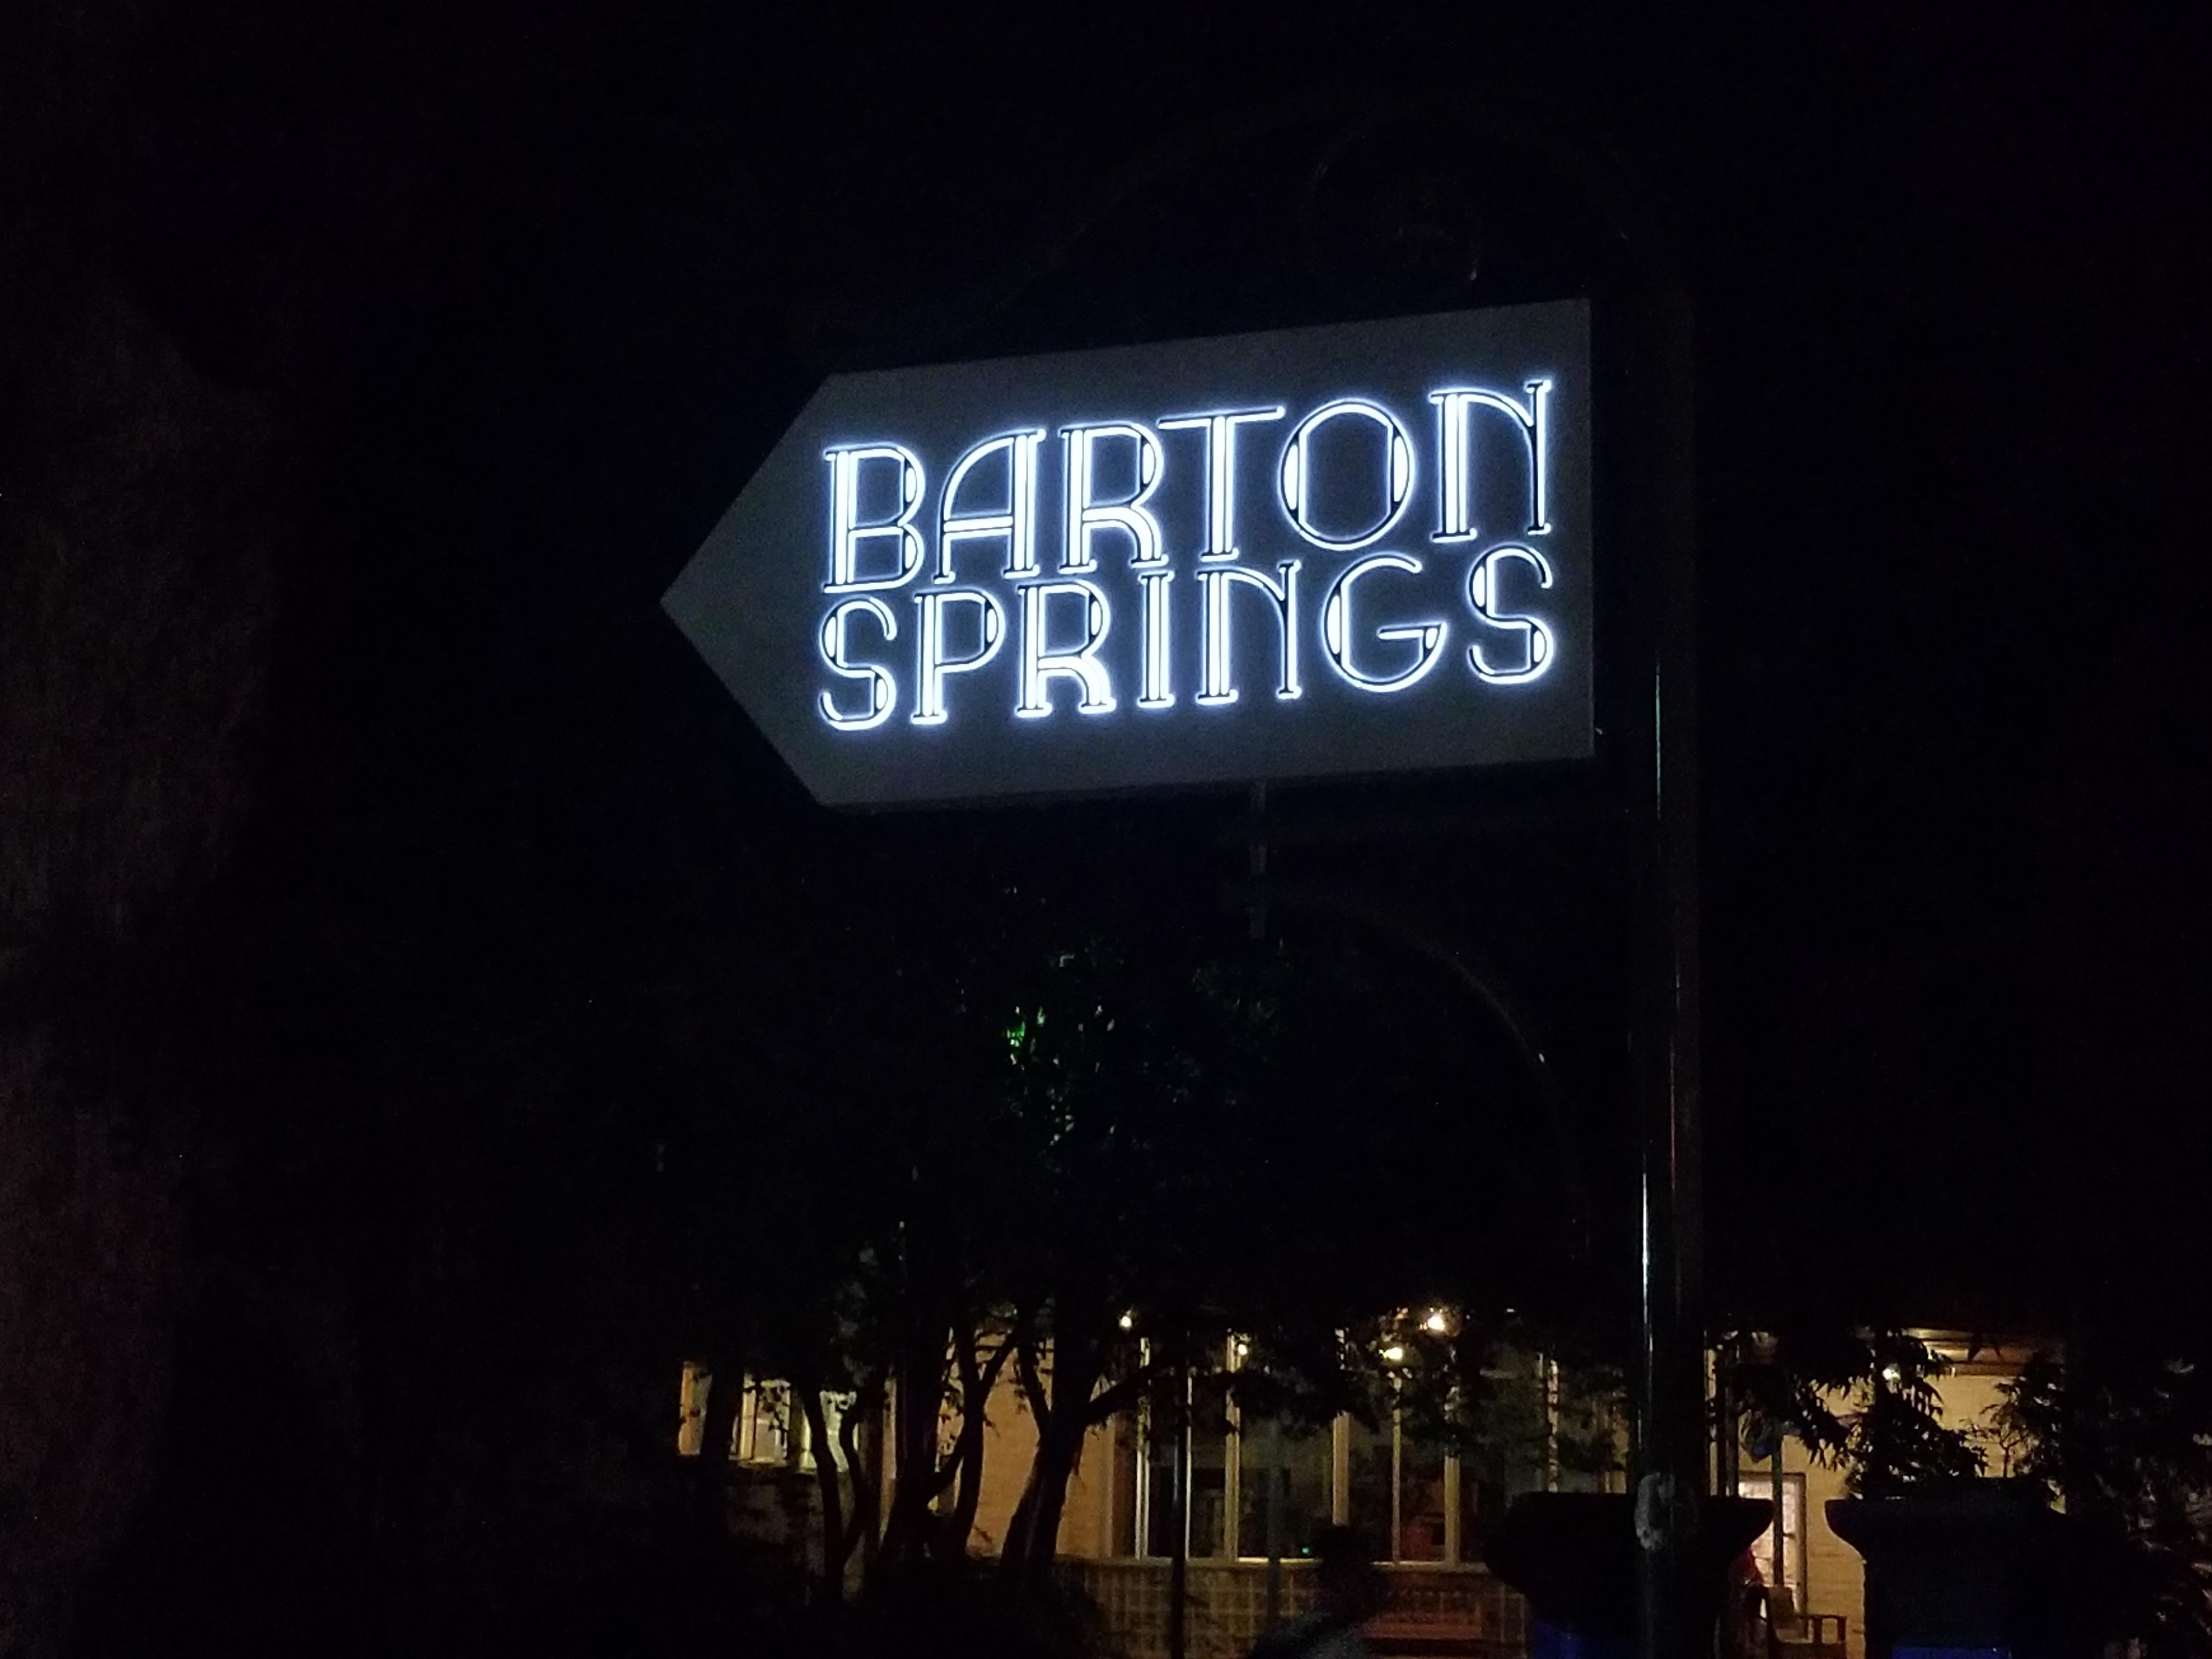 Barton-Springs-sign